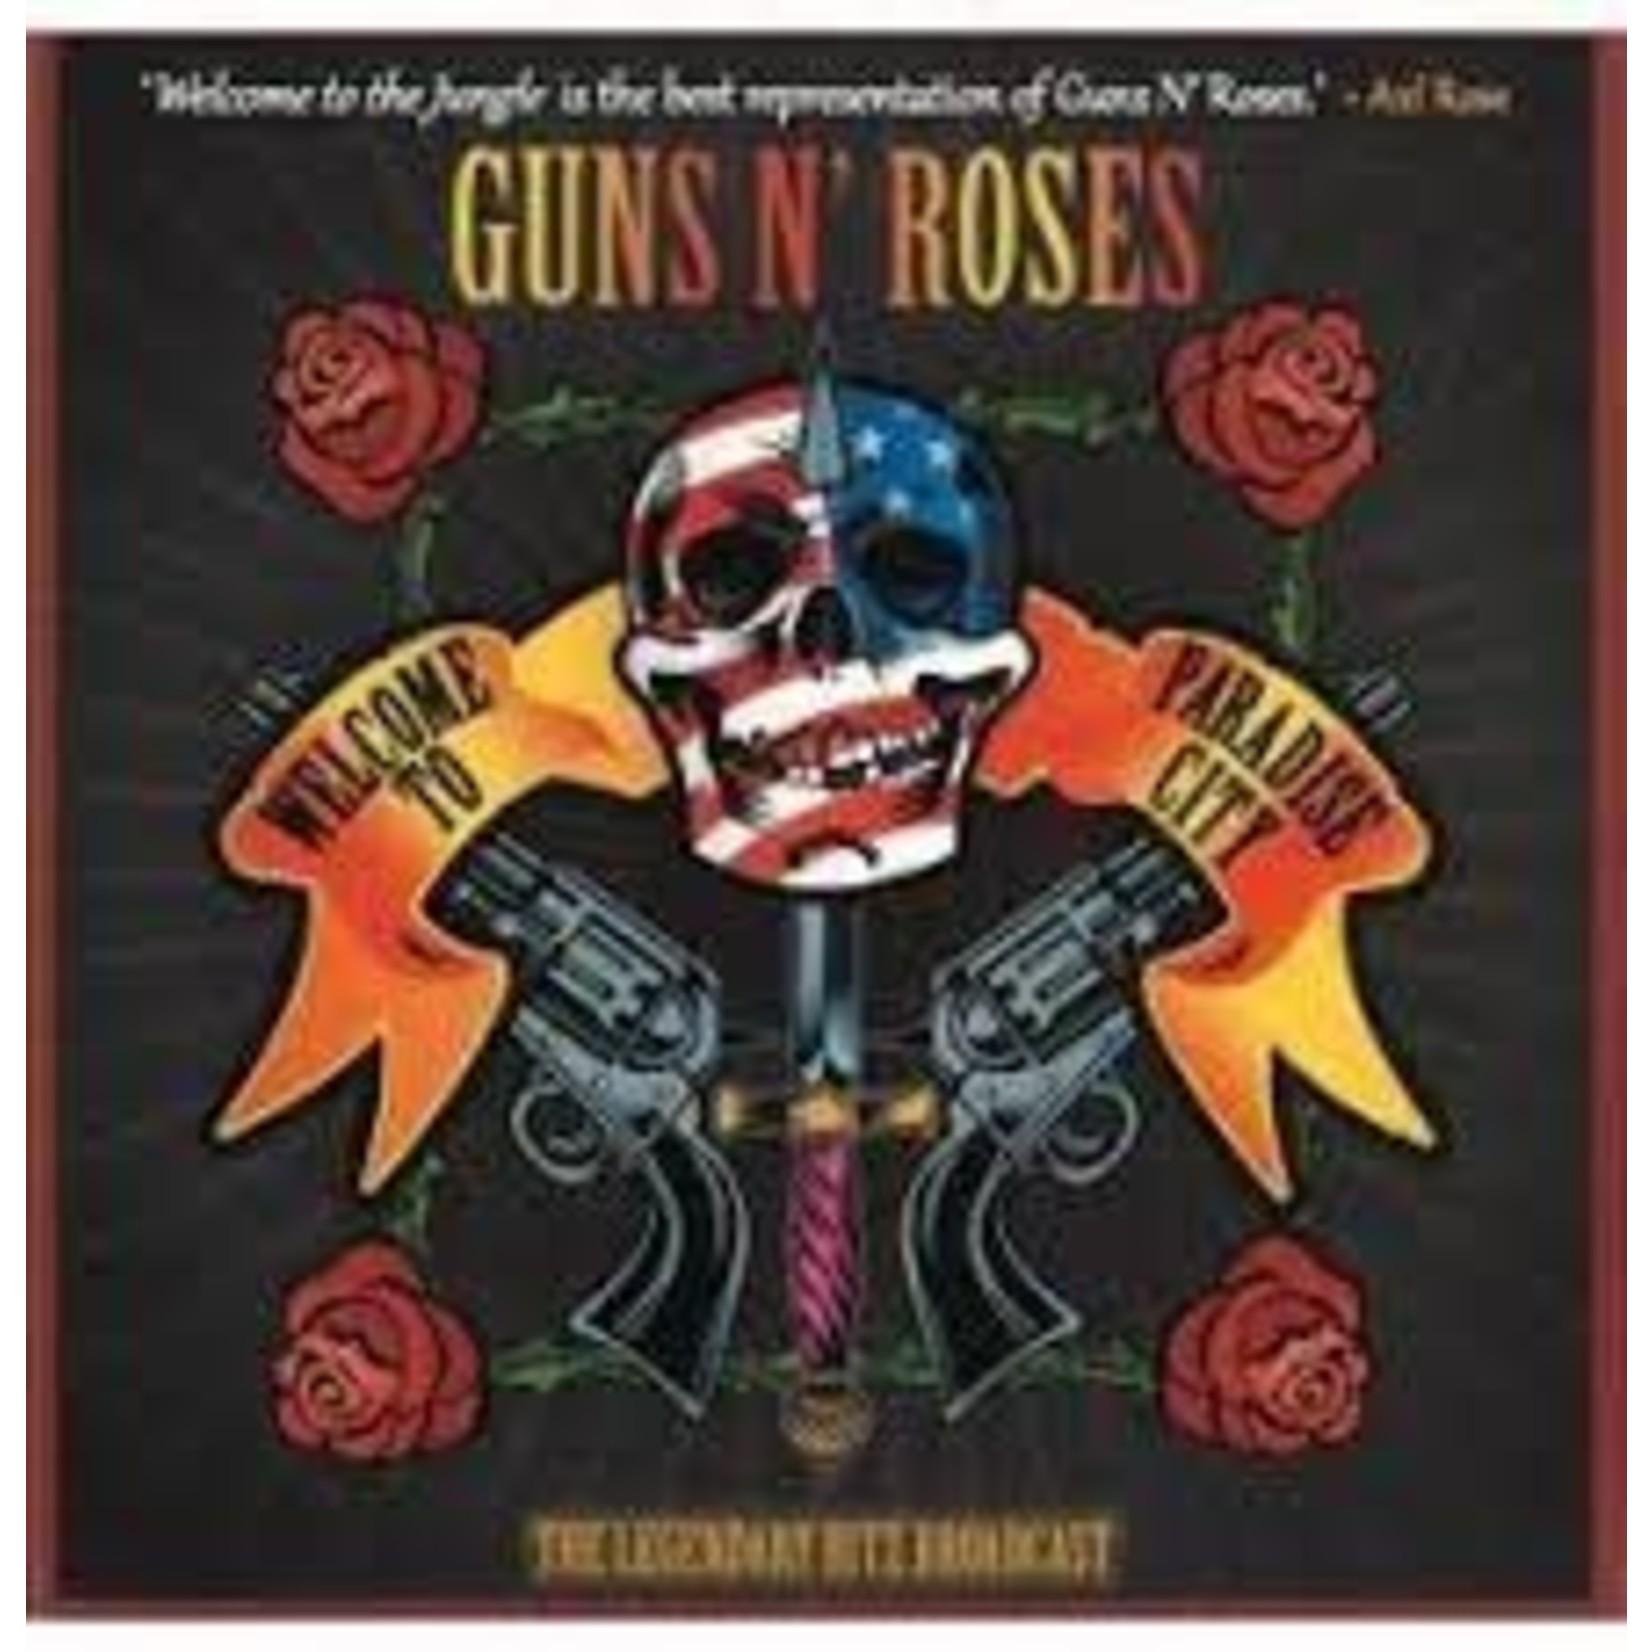 GUNS 'N ROSES - WELCOME TO PARADISE CITY  10-INCH DOUBLE SPLATTER VINYL (VINYL)